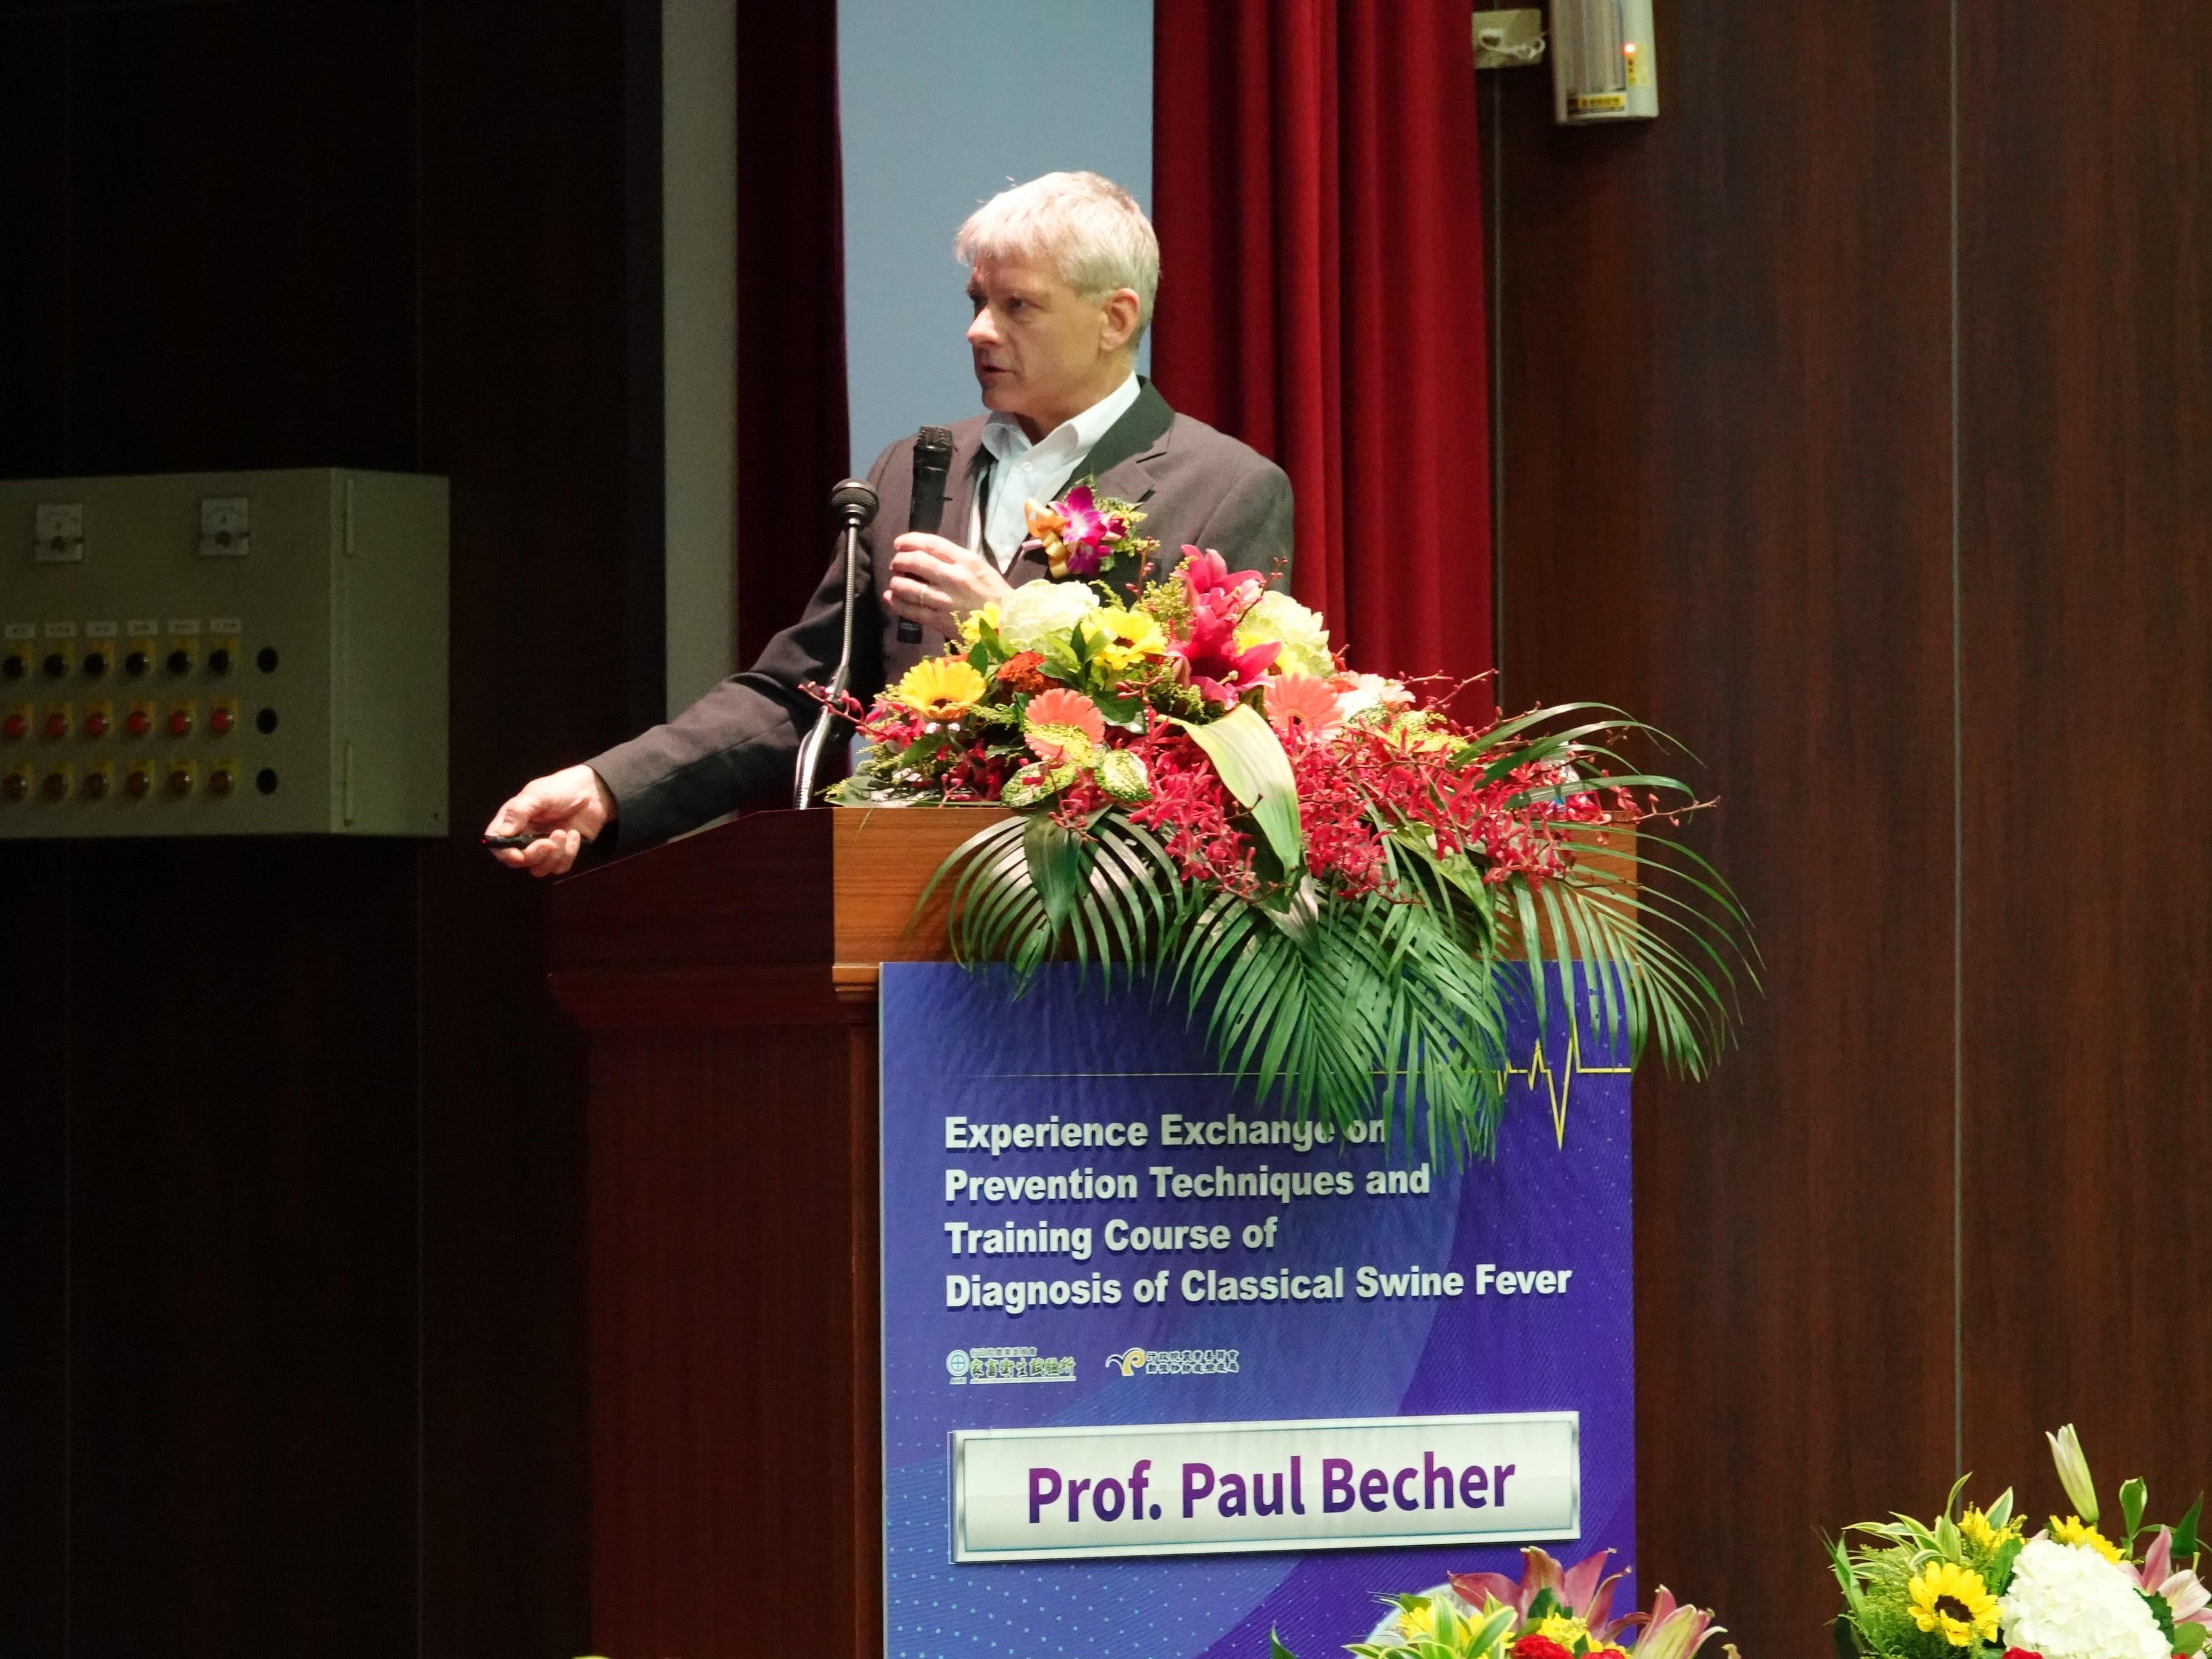 德國漢諾威大學Paul Becher教授報告:豬瘟流行病學、診斷與控制